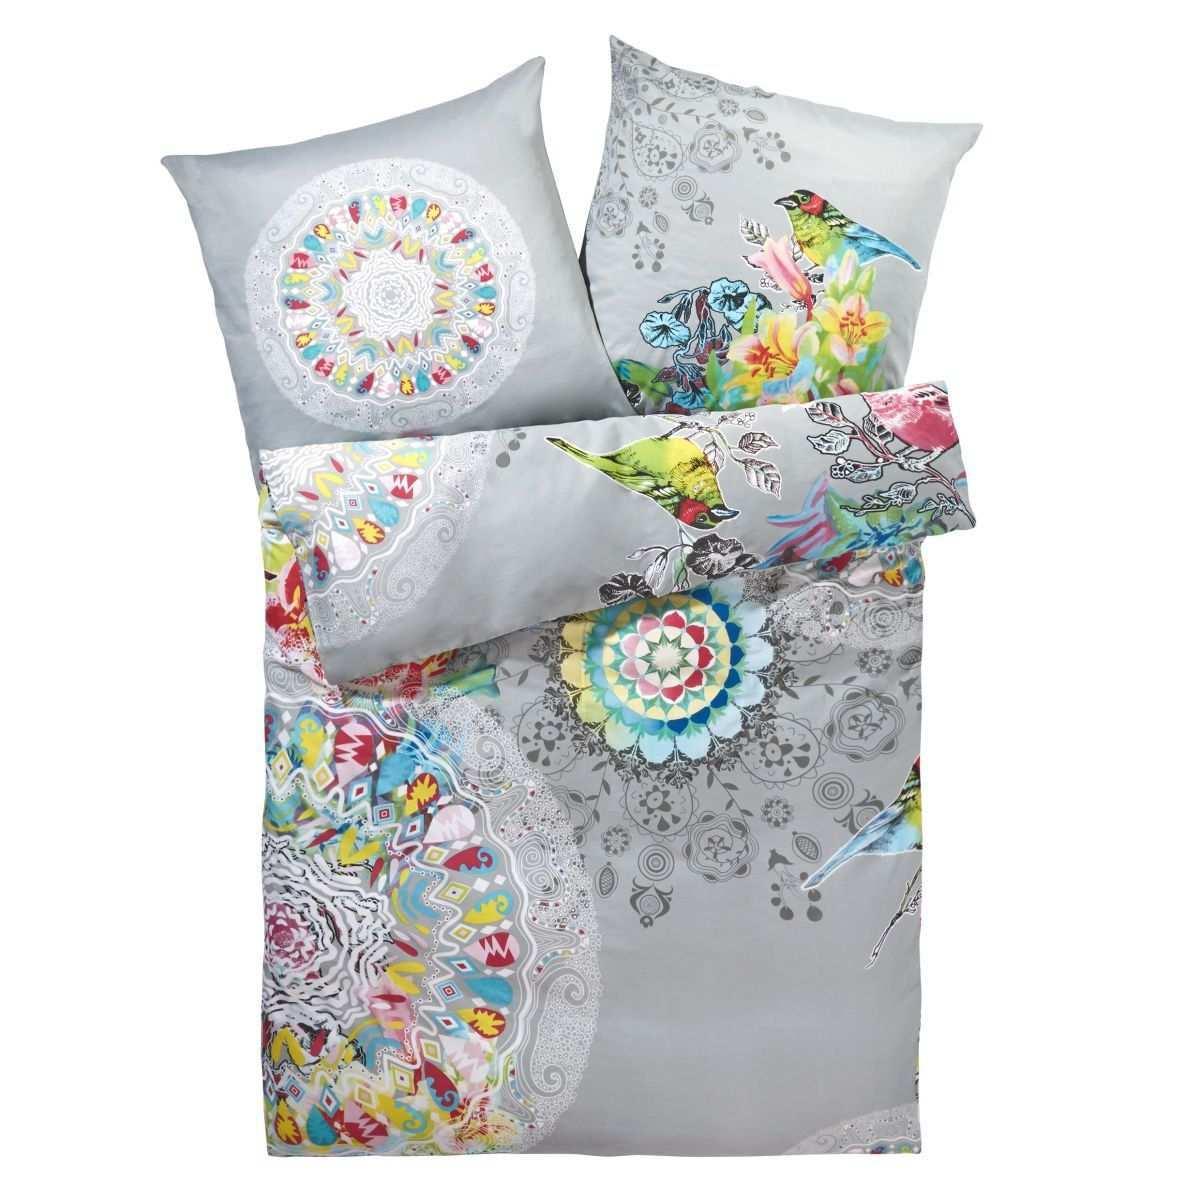 Bettwasche Springtime Mit Reissverschluss 100 Baumwolle 135 X 200 Cm Jetzt Bestellen Unter Http Www Woonio De Produk Bettwasche Bettbezug Wohnaccessoires